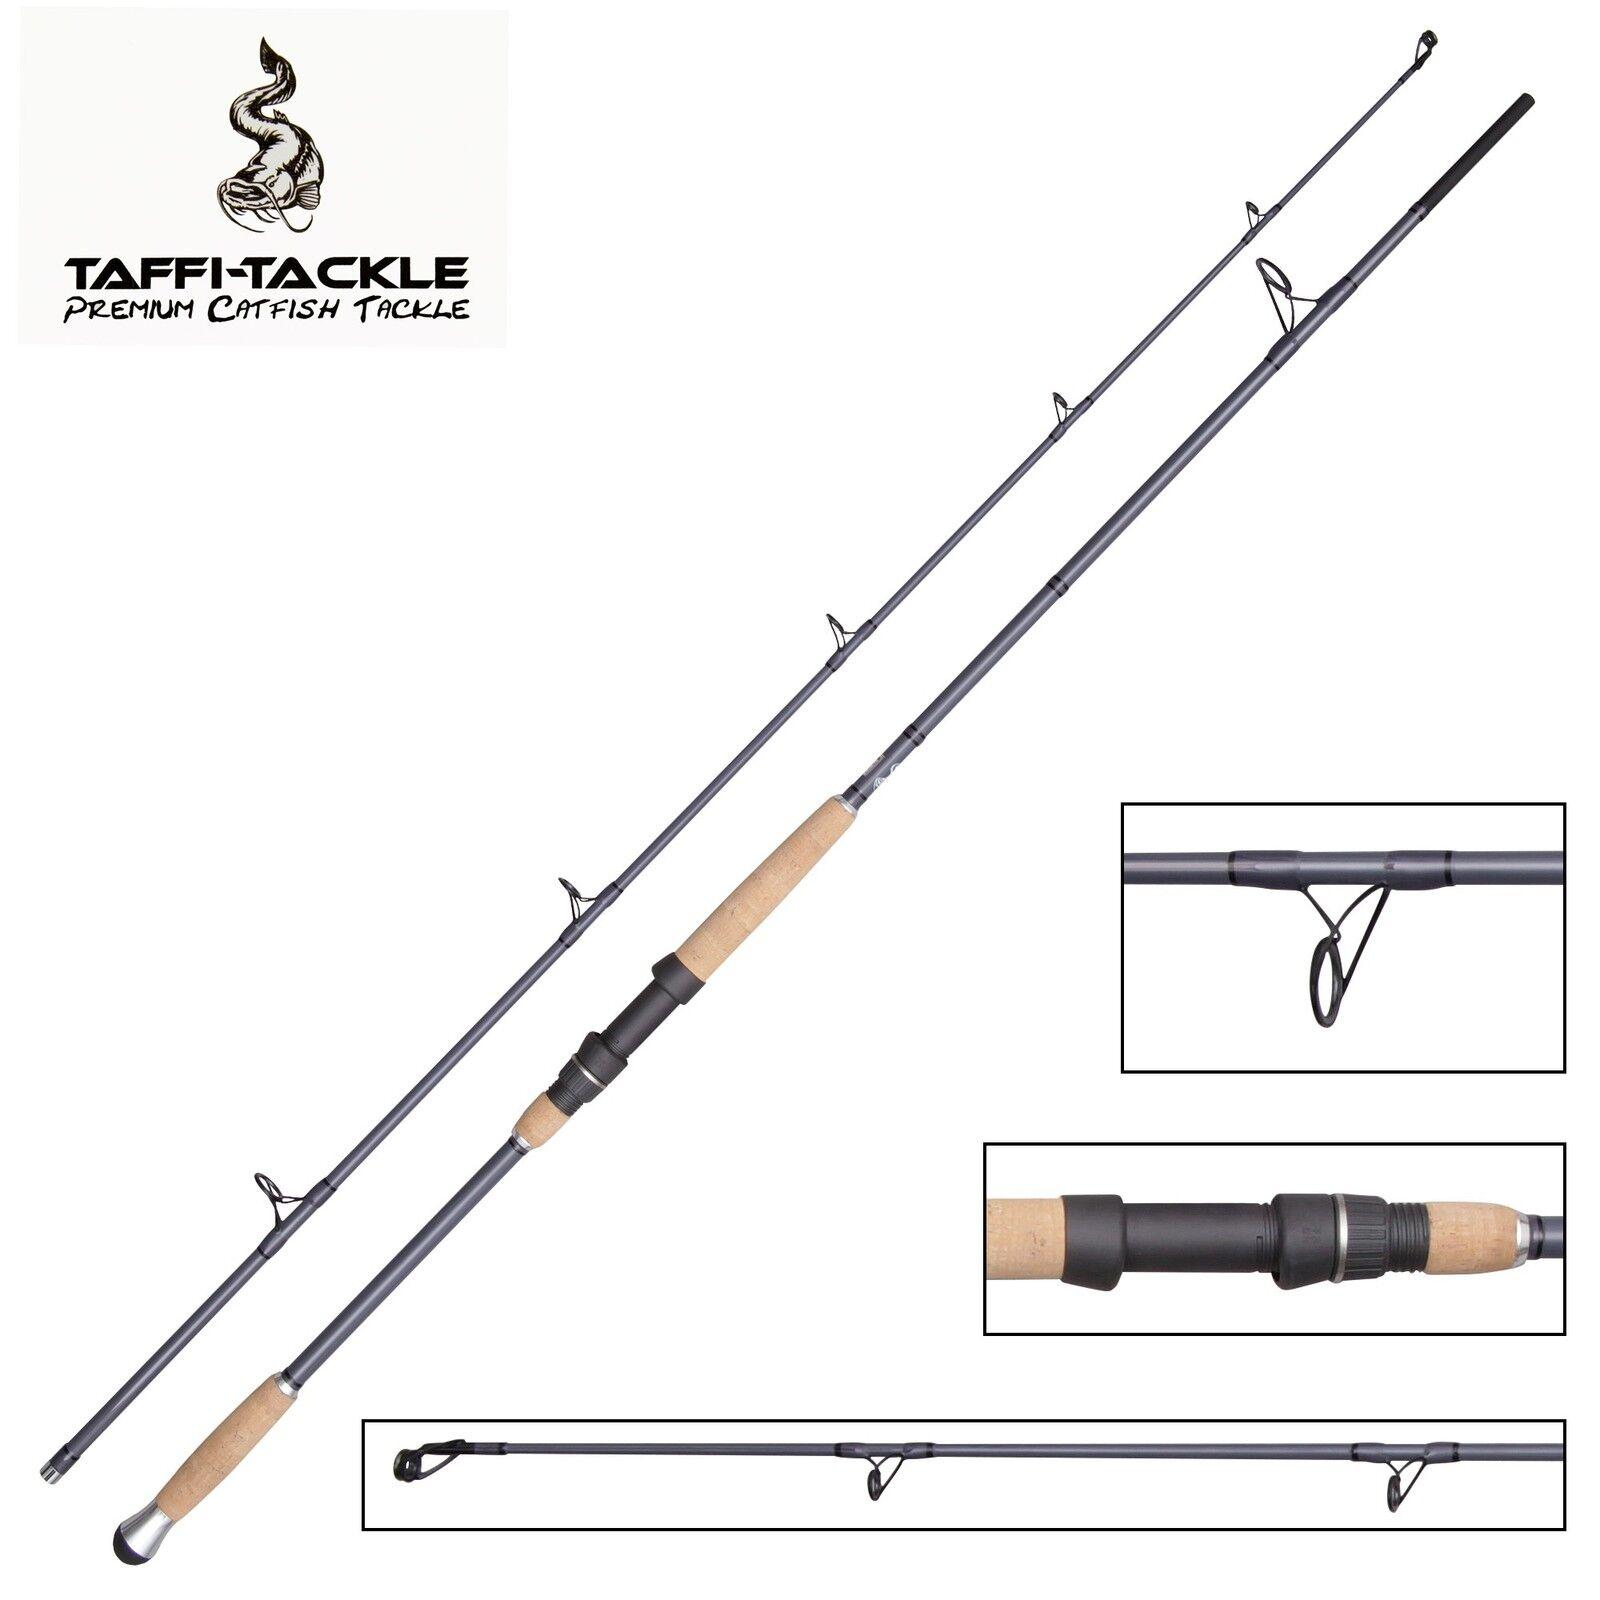 Taffi Spinnrute Unlimited Spin Wallerrute 2 60m 100-300g